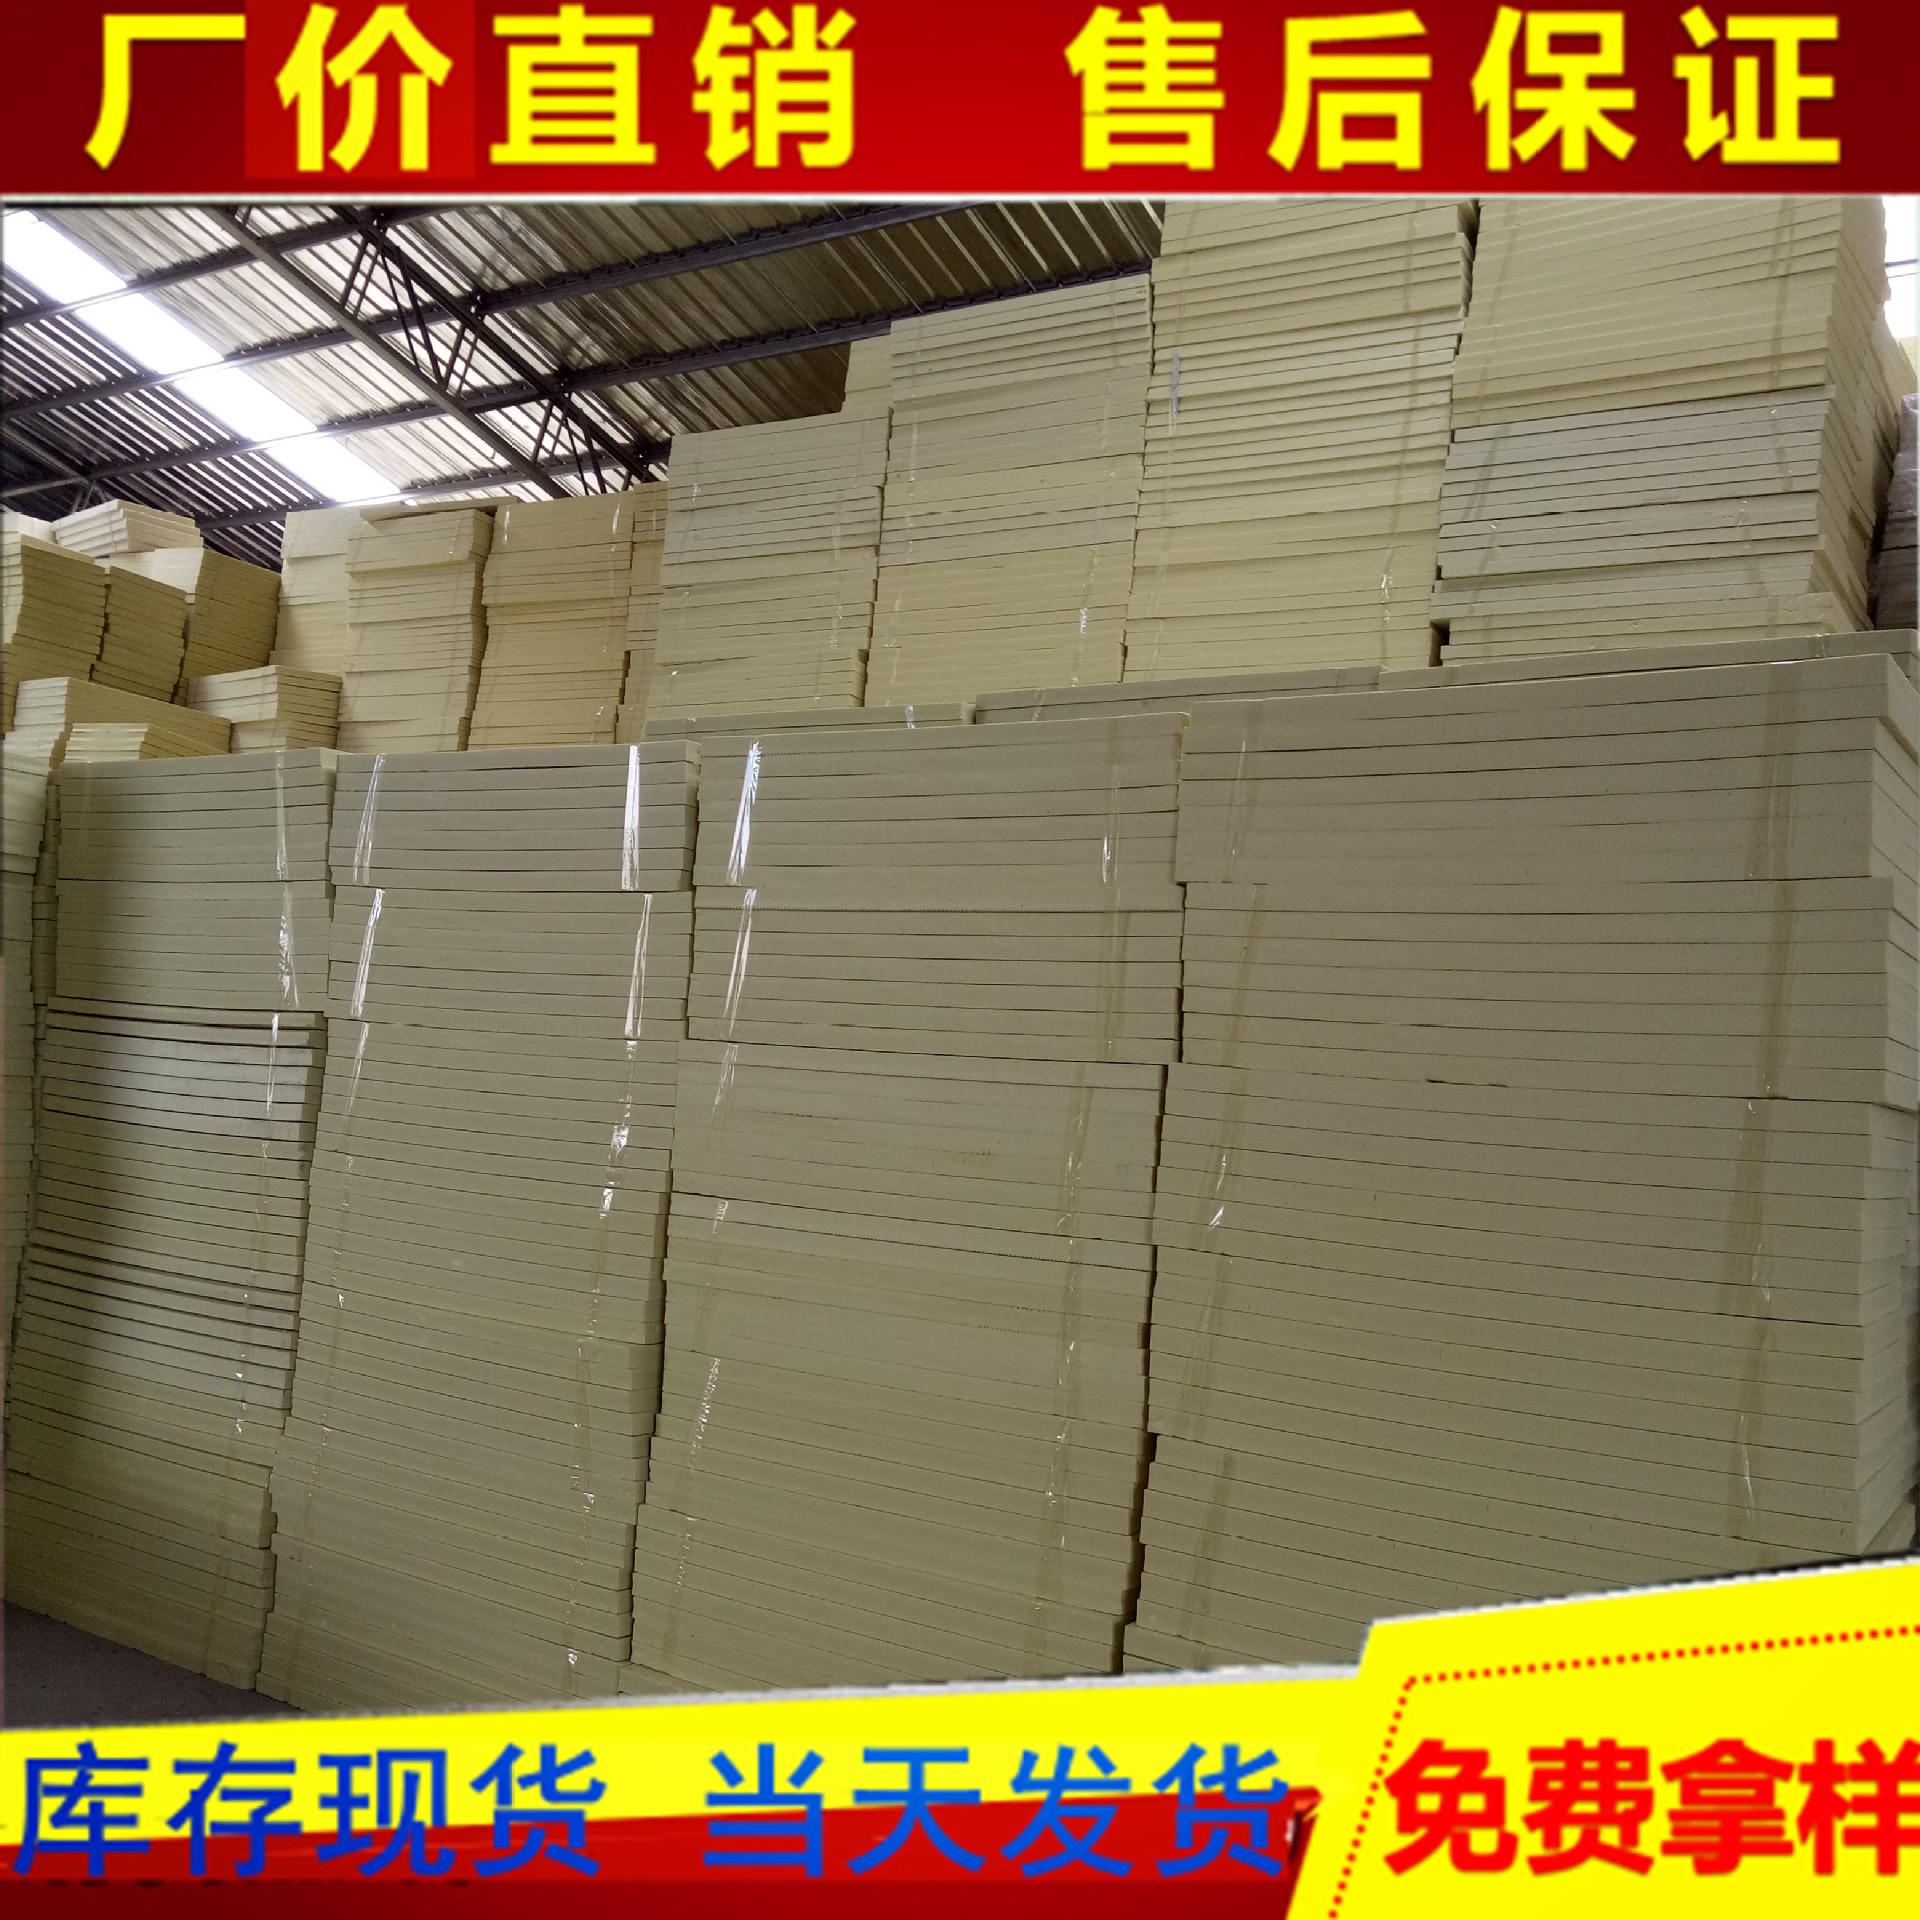 【现货供应】挤塑板 保温隔热板 阻燃板 隔热抗压防水 保温板